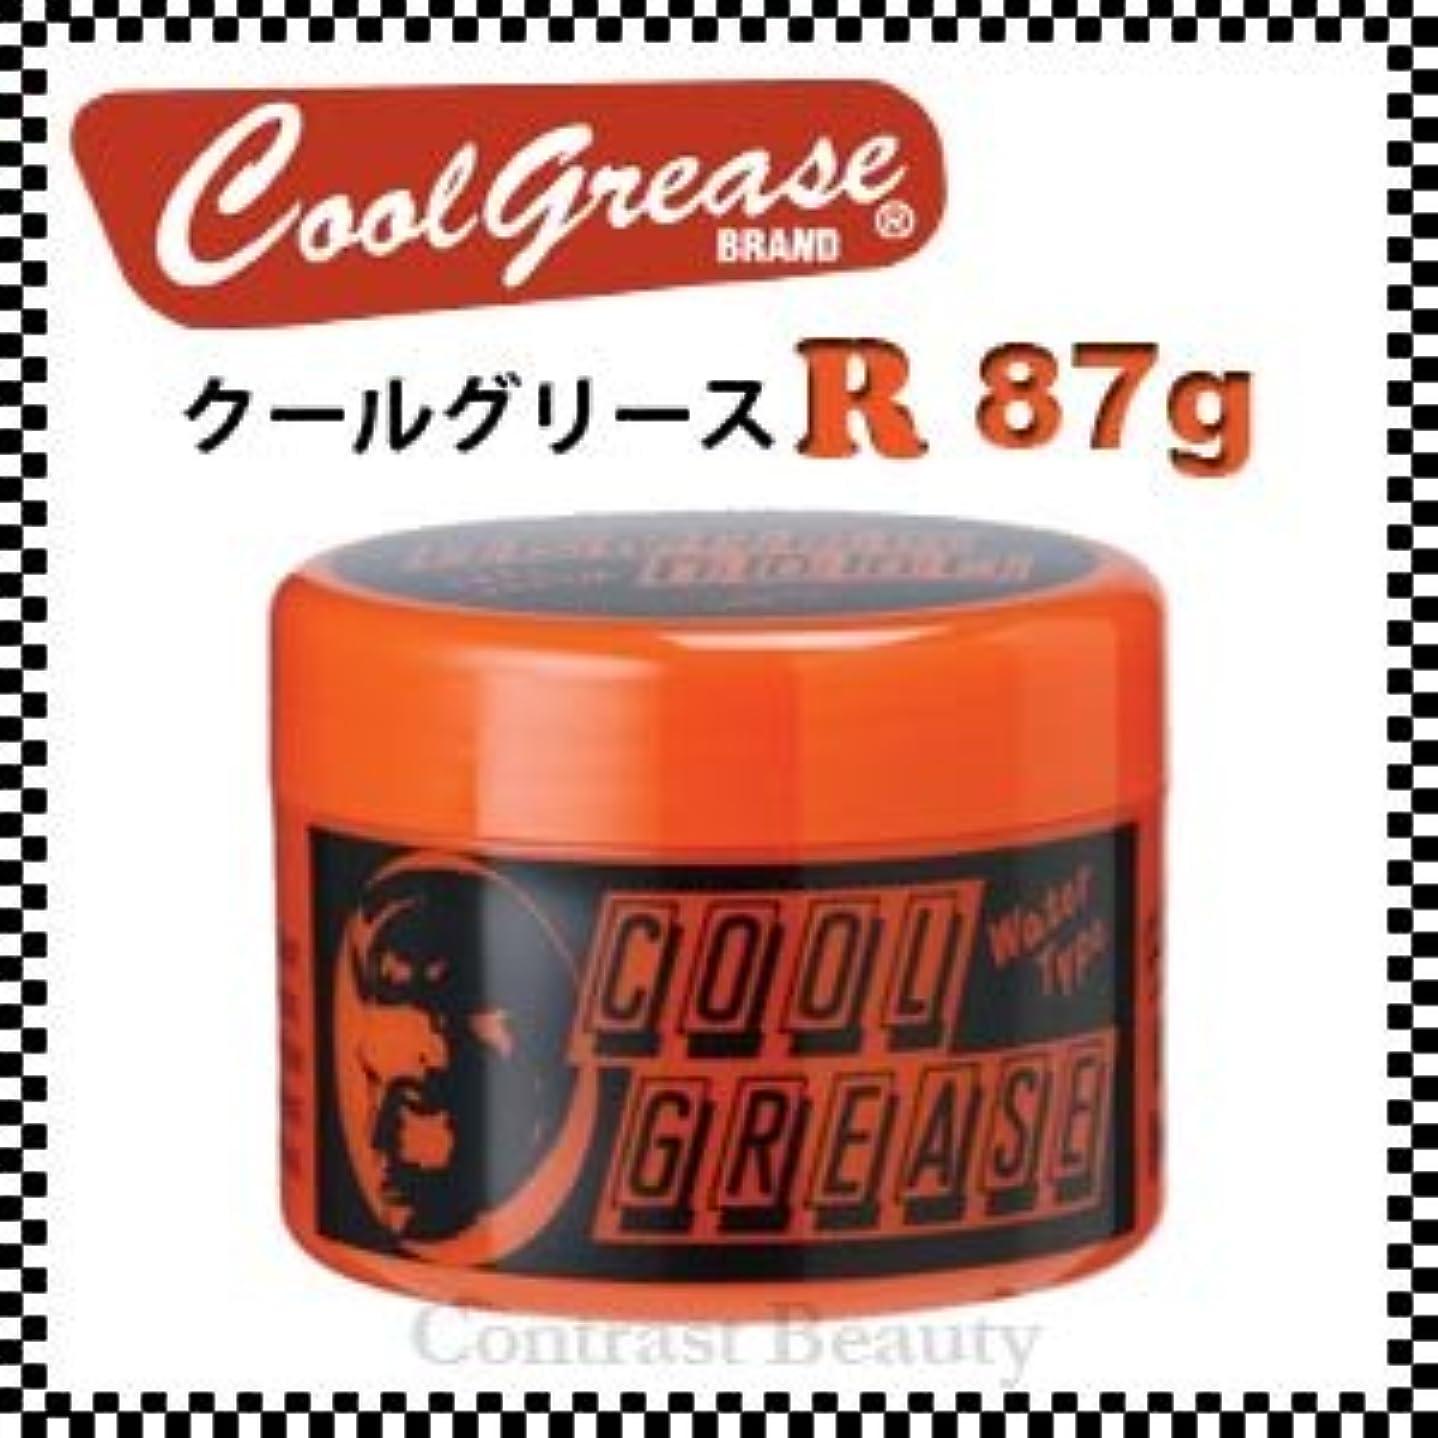 姉妹文芸乳白【X2個セット】 阪本高生堂 クールグリース R 87g